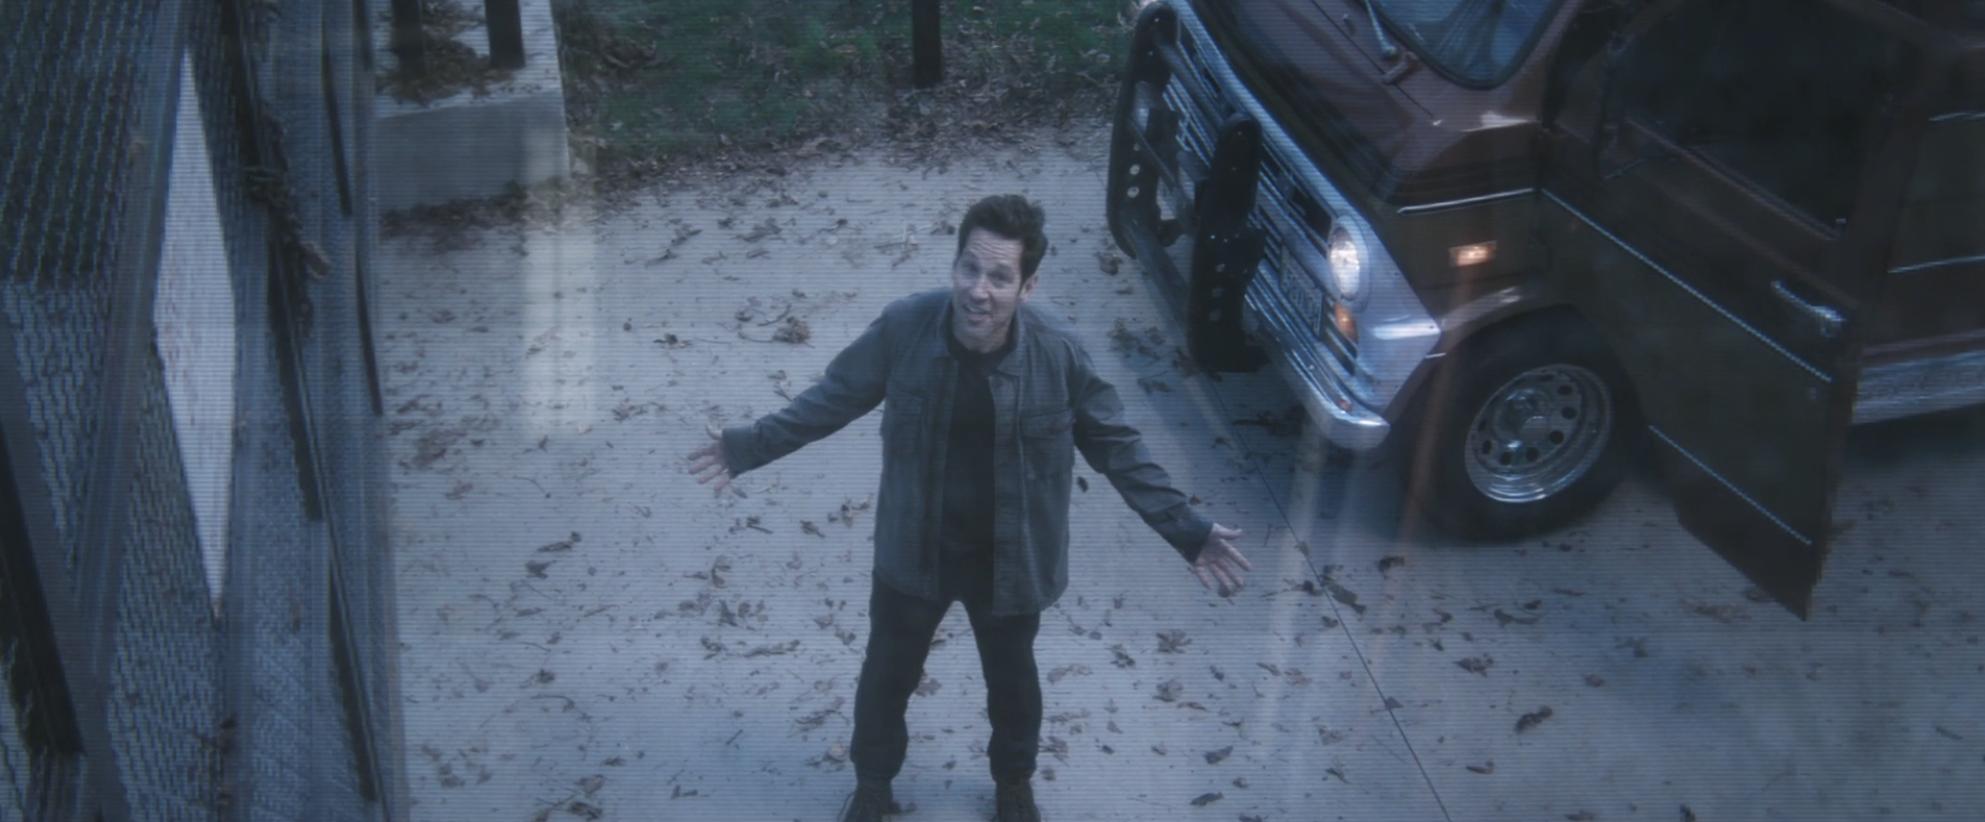 Avengers Endgame Trailer Ant-Man